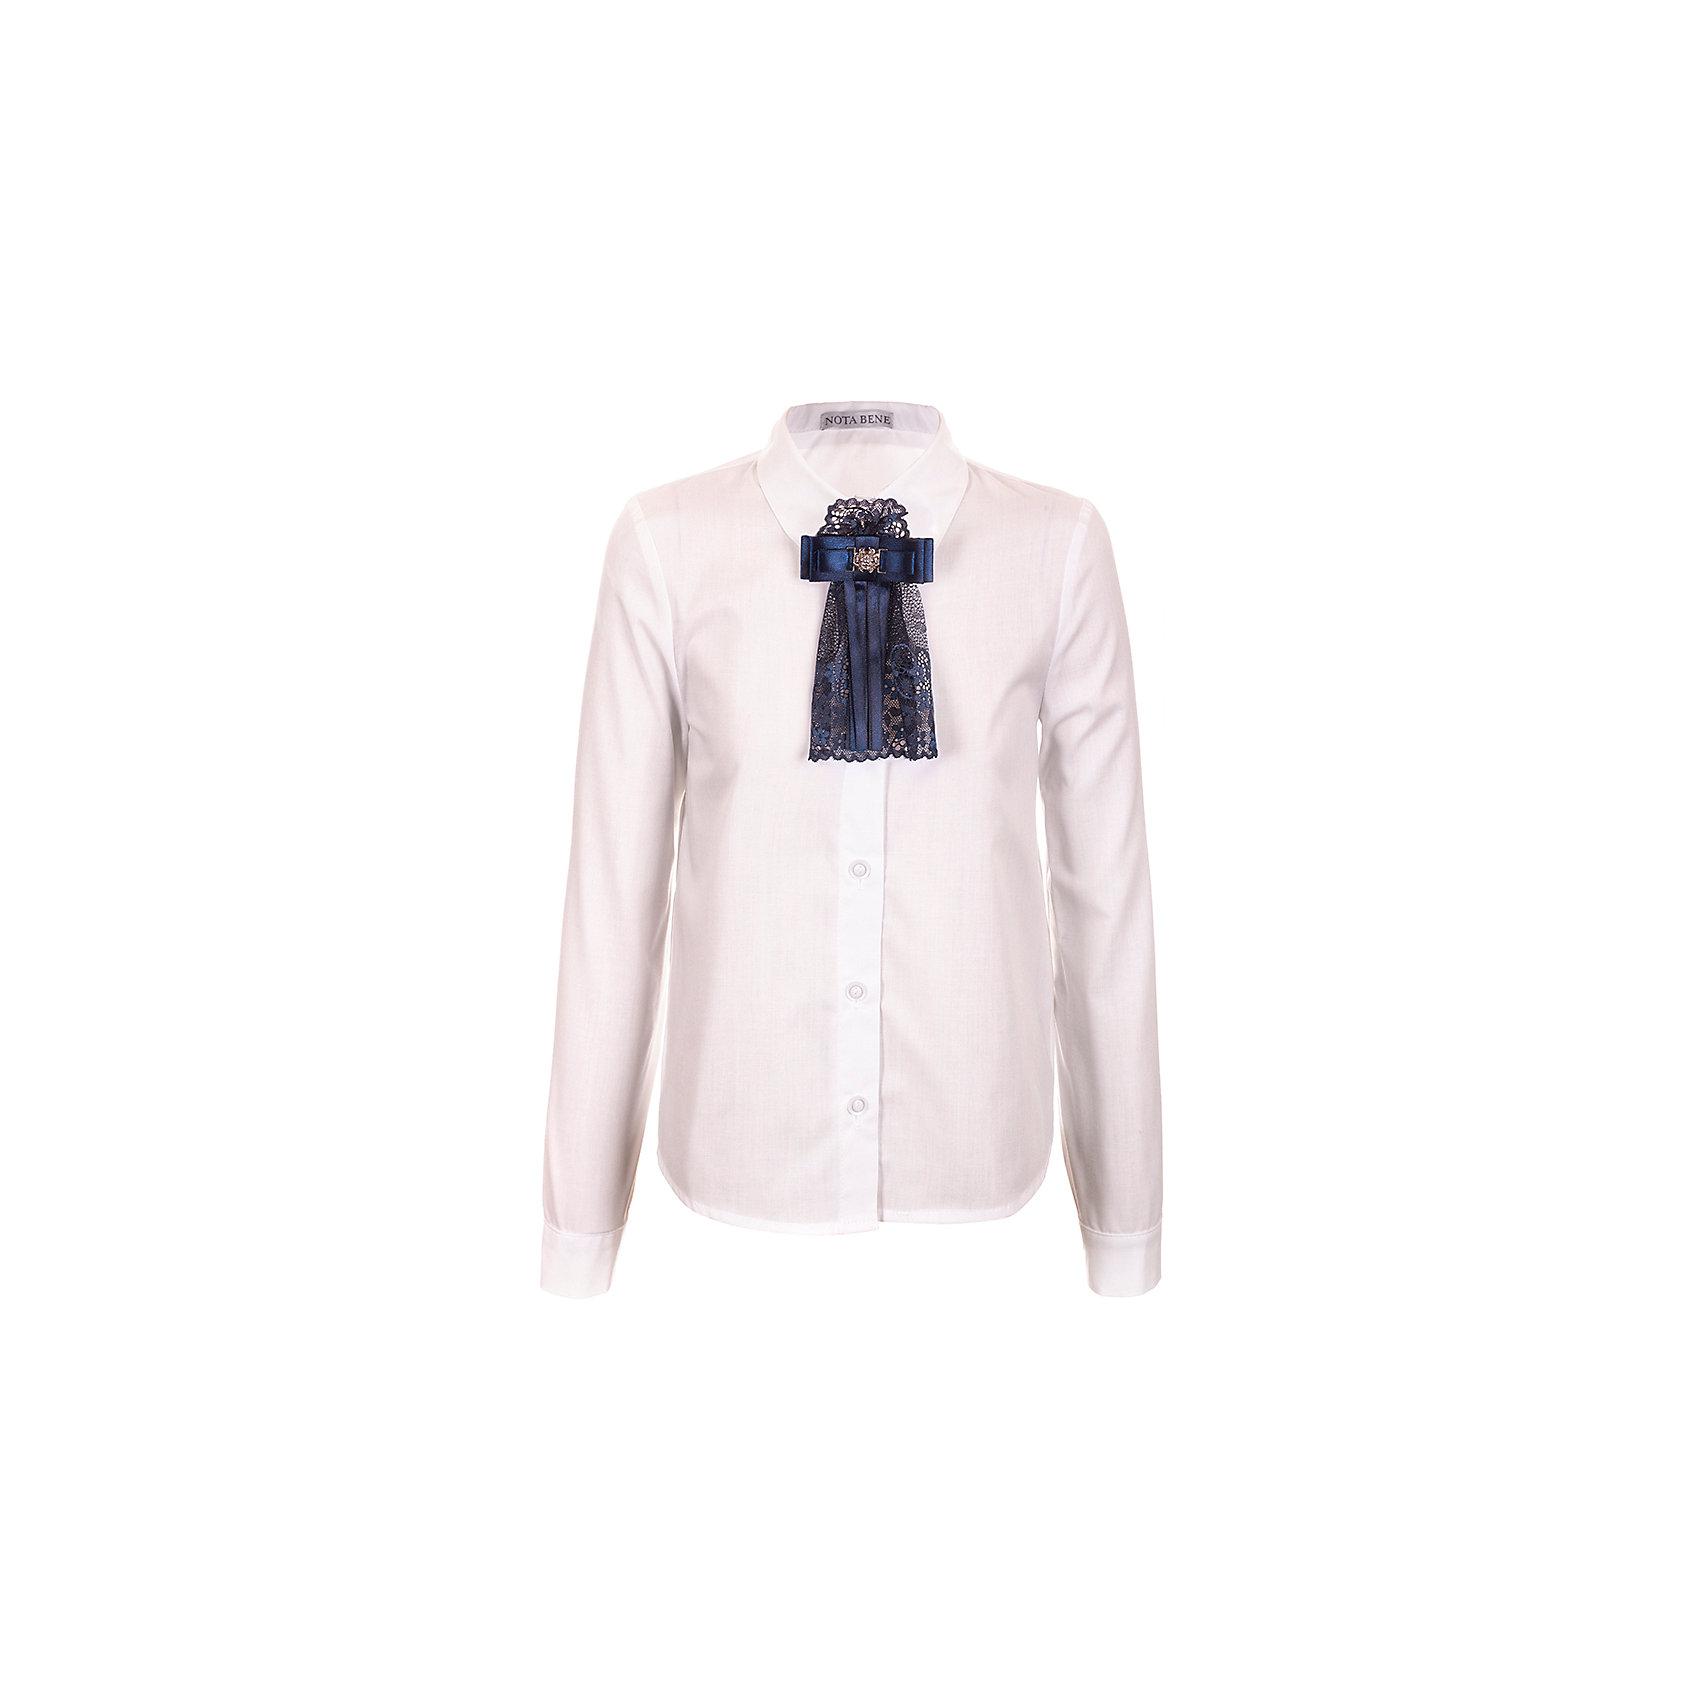 Блузка Nota Bene для девочкиБлузки и рубашки<br>Блузка с длинными рукавами. С рубашечным воротником со стойкой<br>и с цельнокроенной застежкой на пуговицы.<br>Декор текстильный пристегивающийся на булавку<br>Соответствует размеру.<br>Рекомендована предварительная стирка.<br>Состав:<br>65% хлопок; 35% полиэстер<br><br>Ширина мм: 186<br>Глубина мм: 87<br>Высота мм: 198<br>Вес г: 197<br>Цвет: белый<br>Возраст от месяцев: 120<br>Возраст до месяцев: 132<br>Пол: Женский<br>Возраст: Детский<br>Размер: 146,164,158,152<br>SKU: 7012254